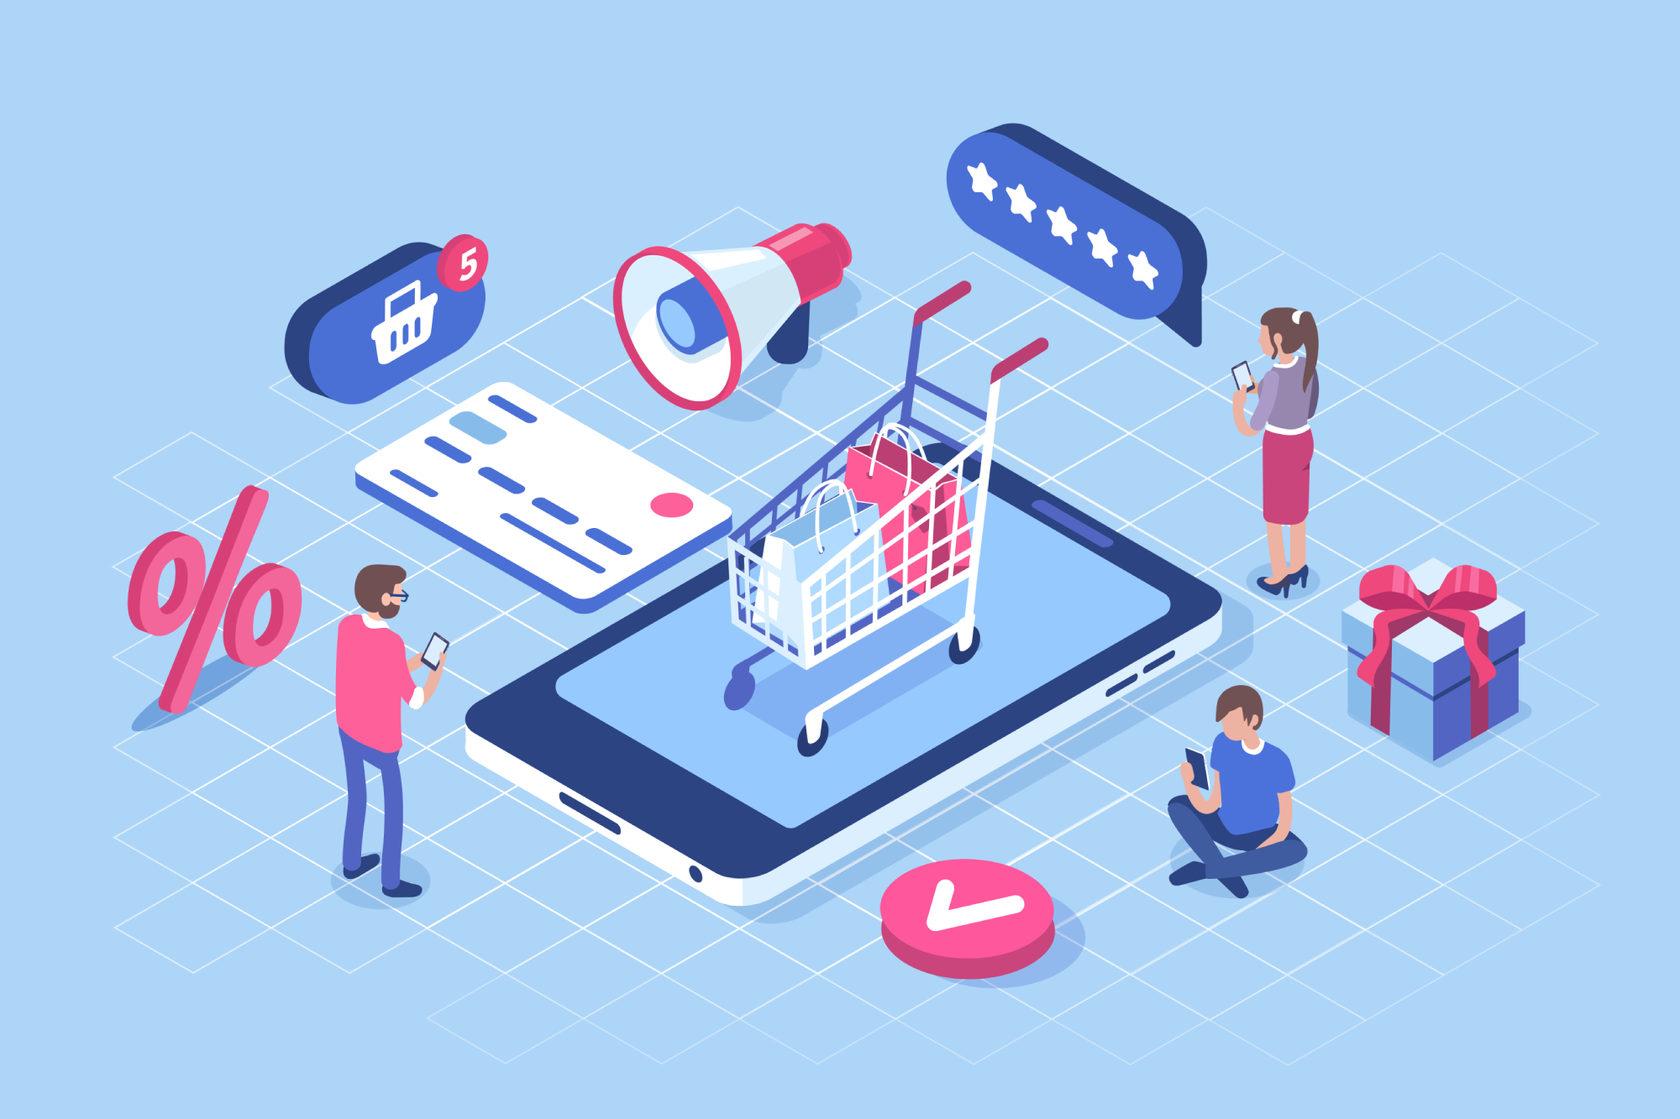 Future of e-commerce in India